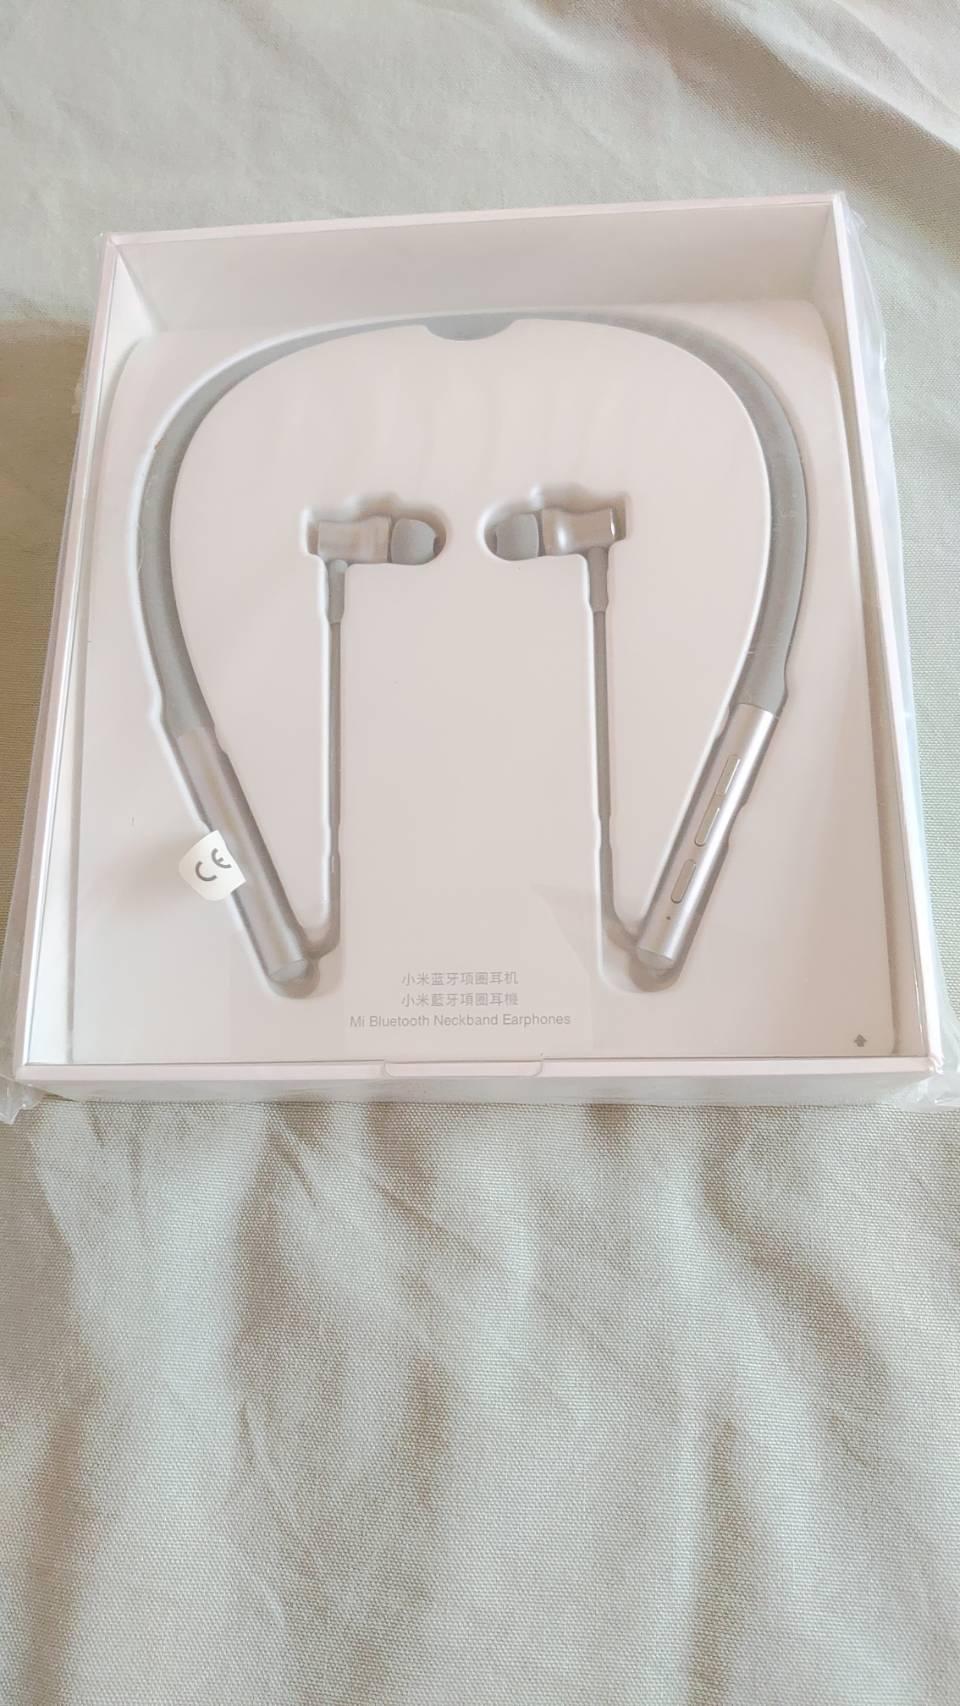 全新 小米藍牙項圈耳機 灰色 台灣小米公司貨,附購買證明